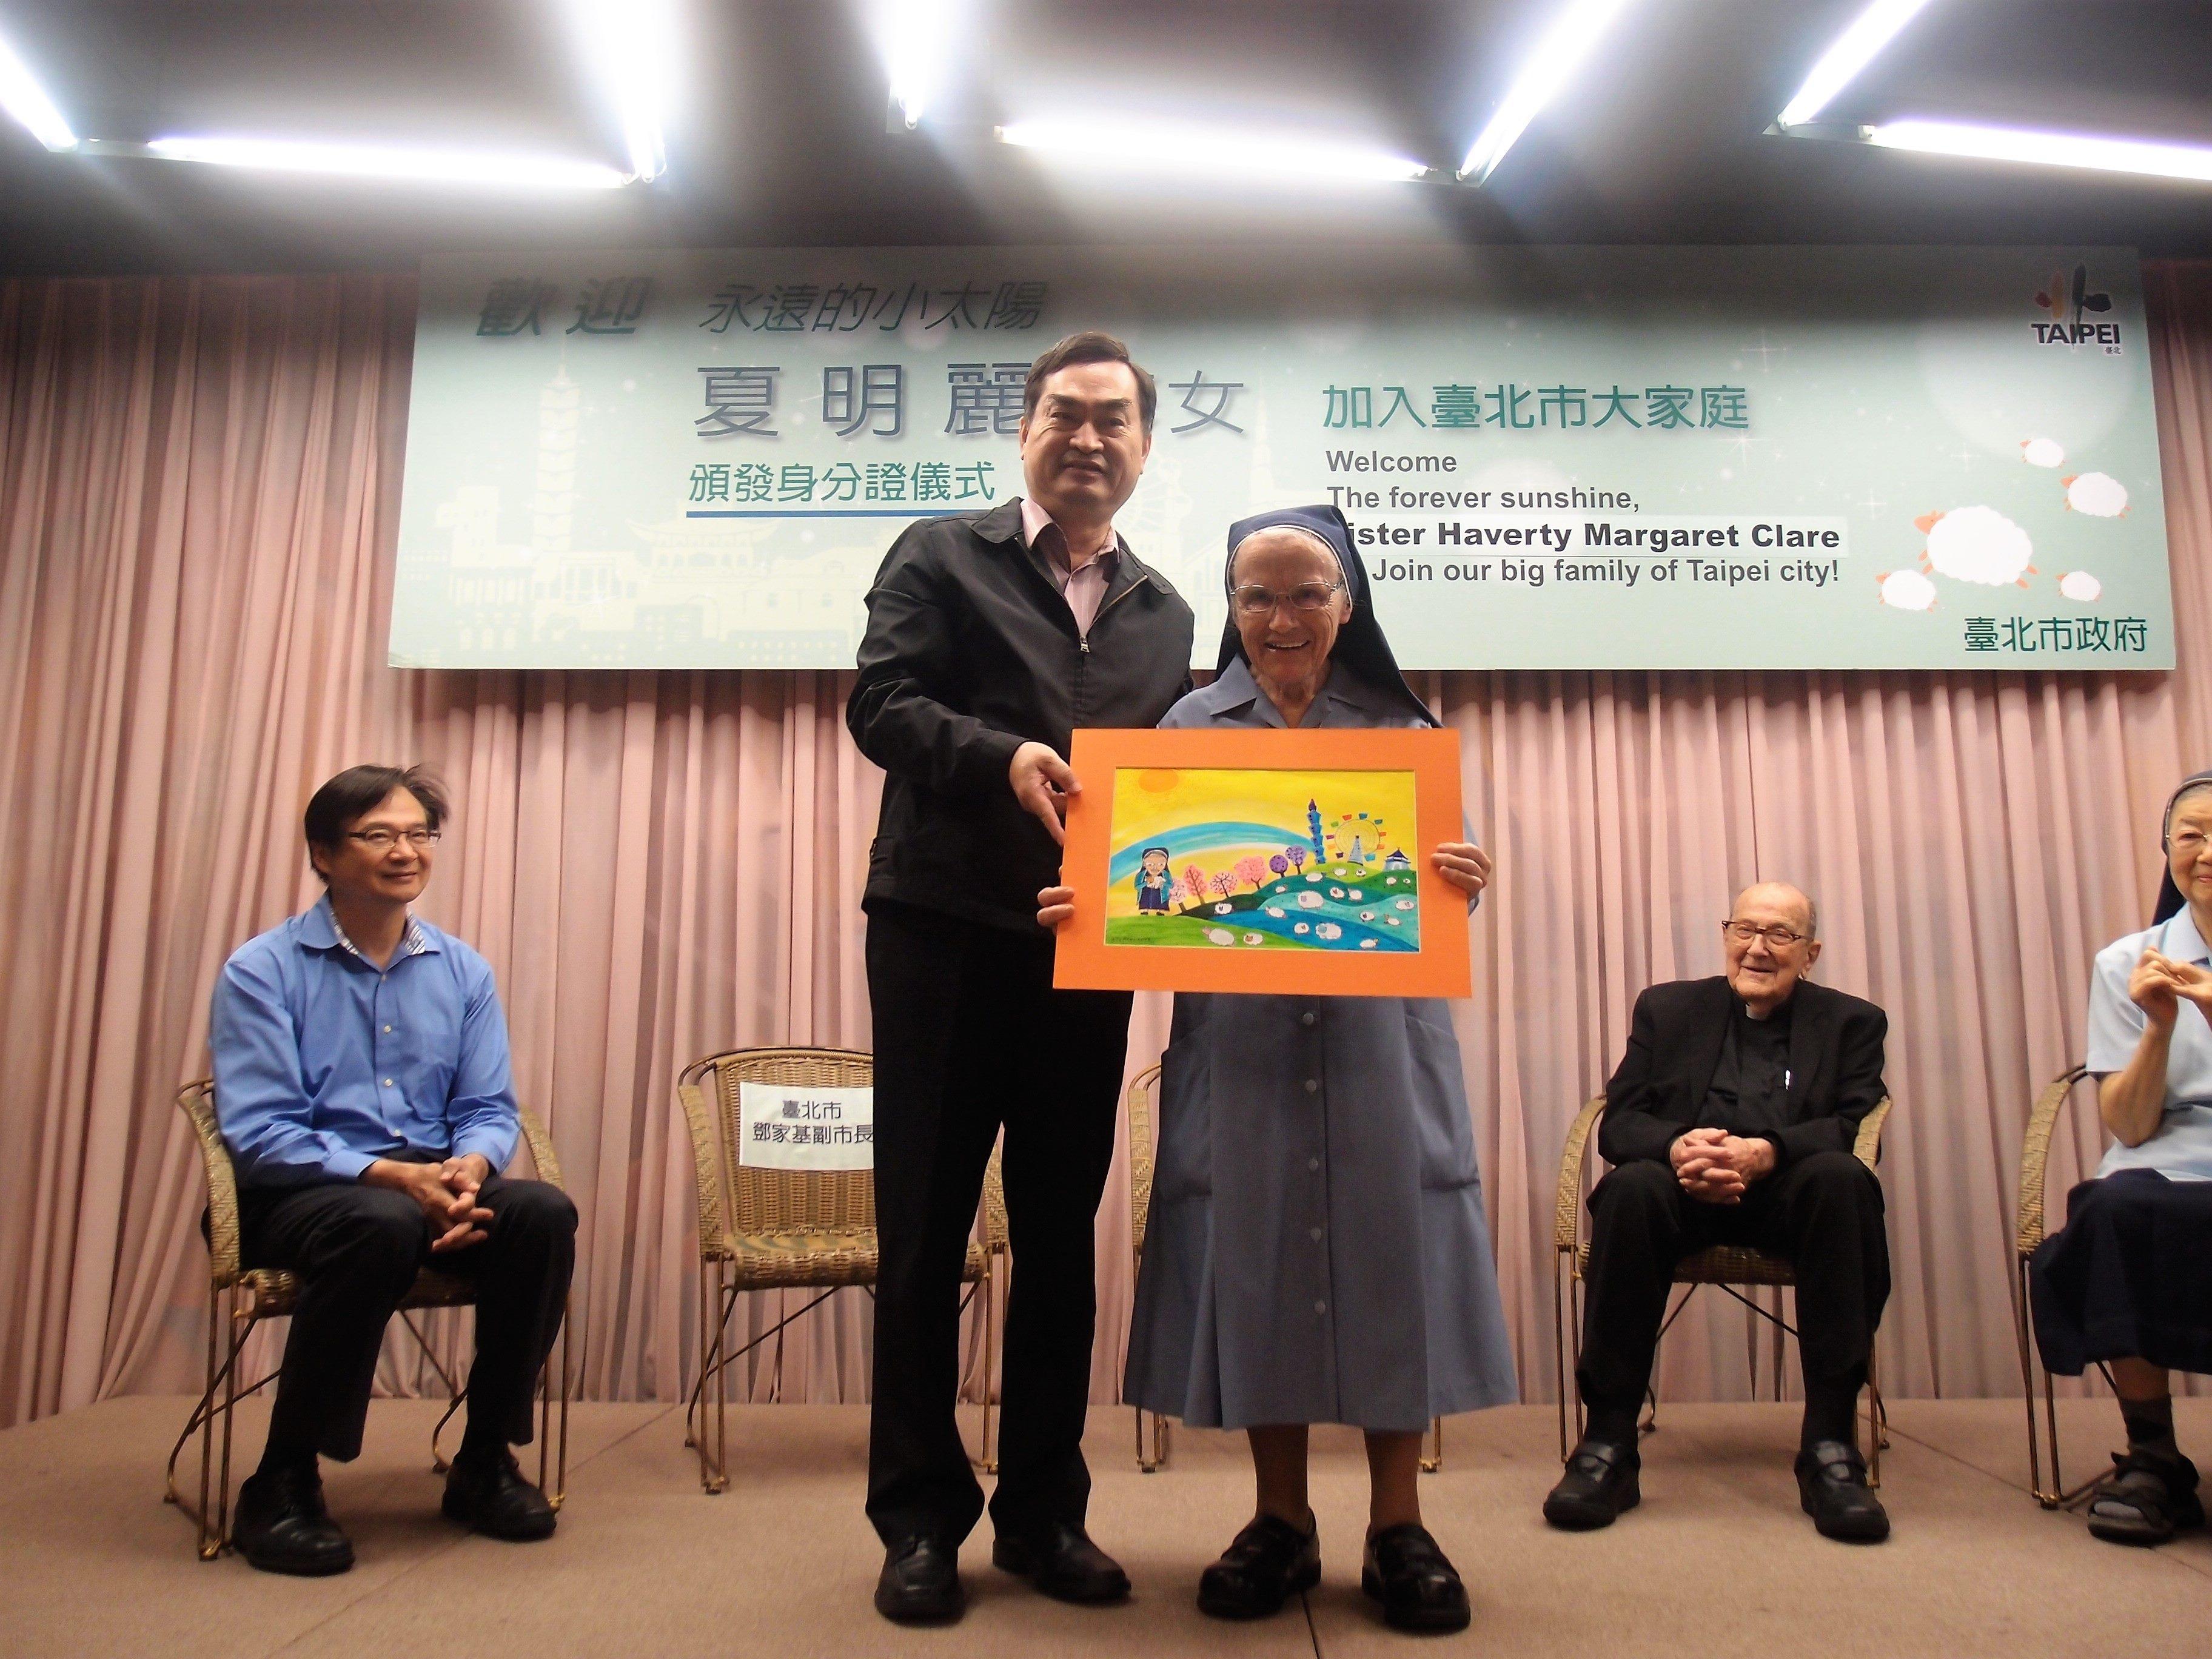 2 鄧副市長致贈市府特地準備的小禮物